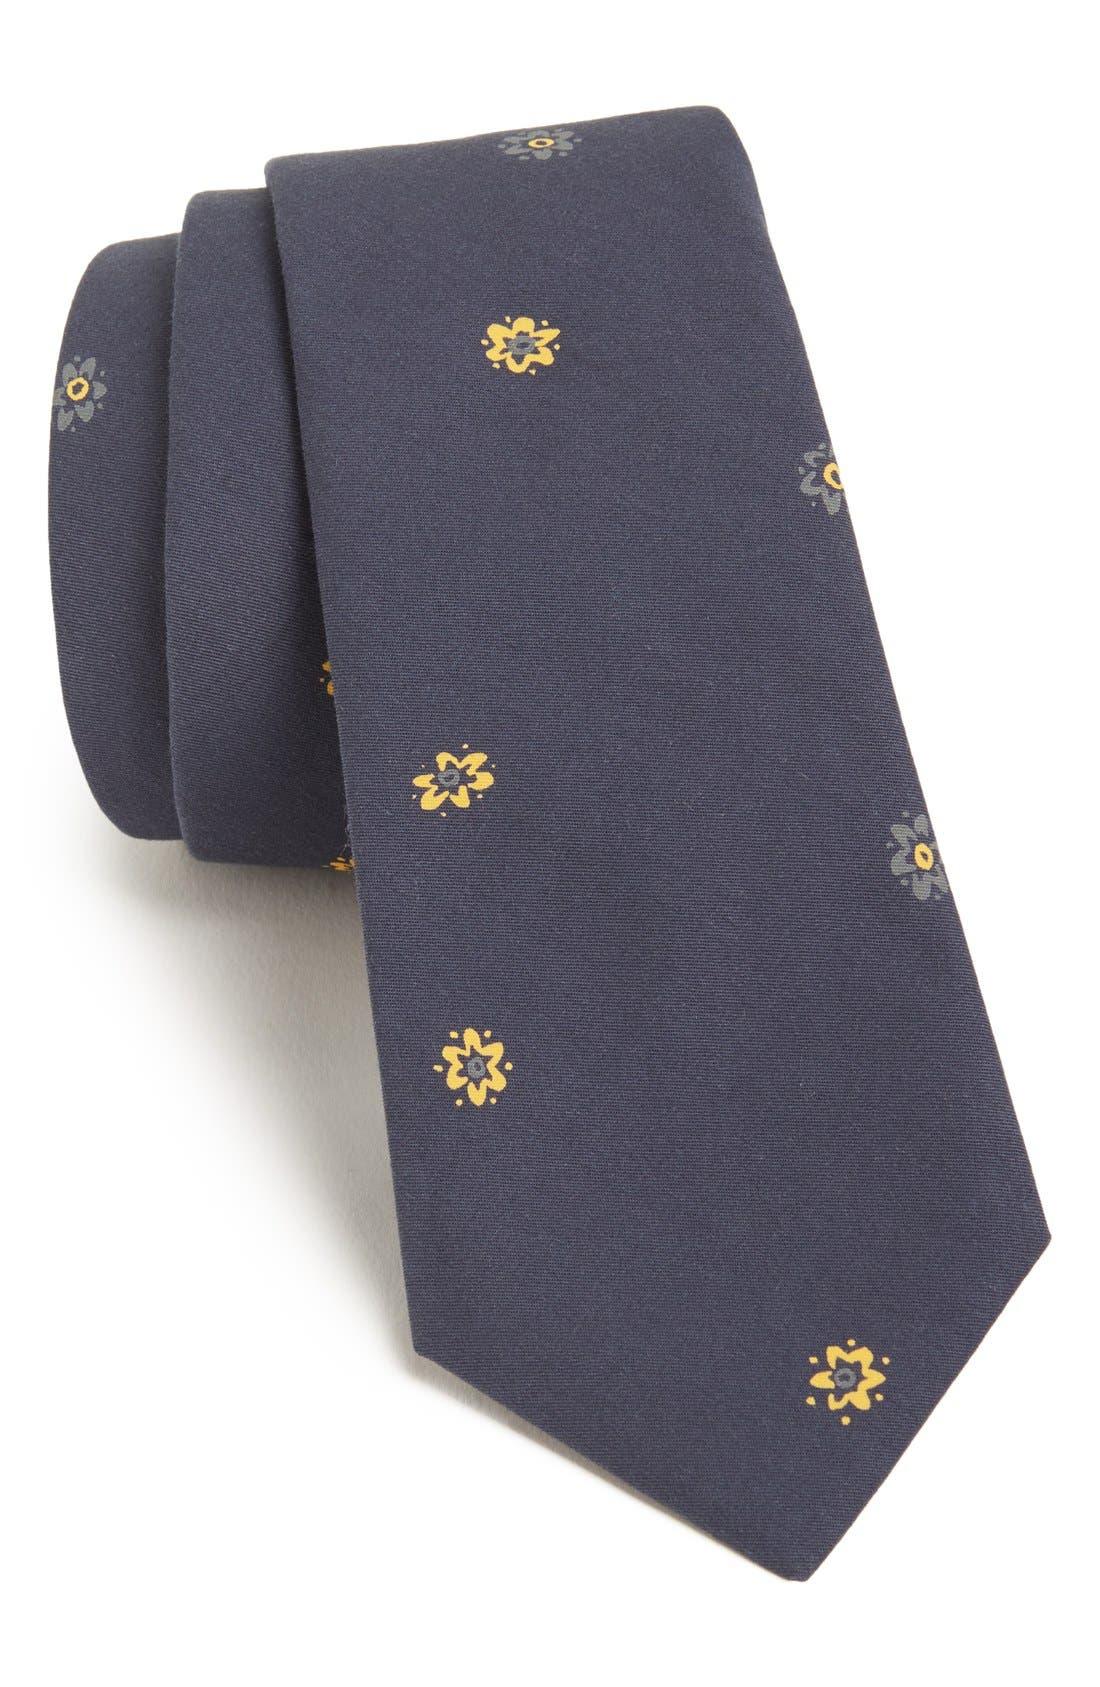 Alternate Image 1 Selected - rag & bone Floral Tie